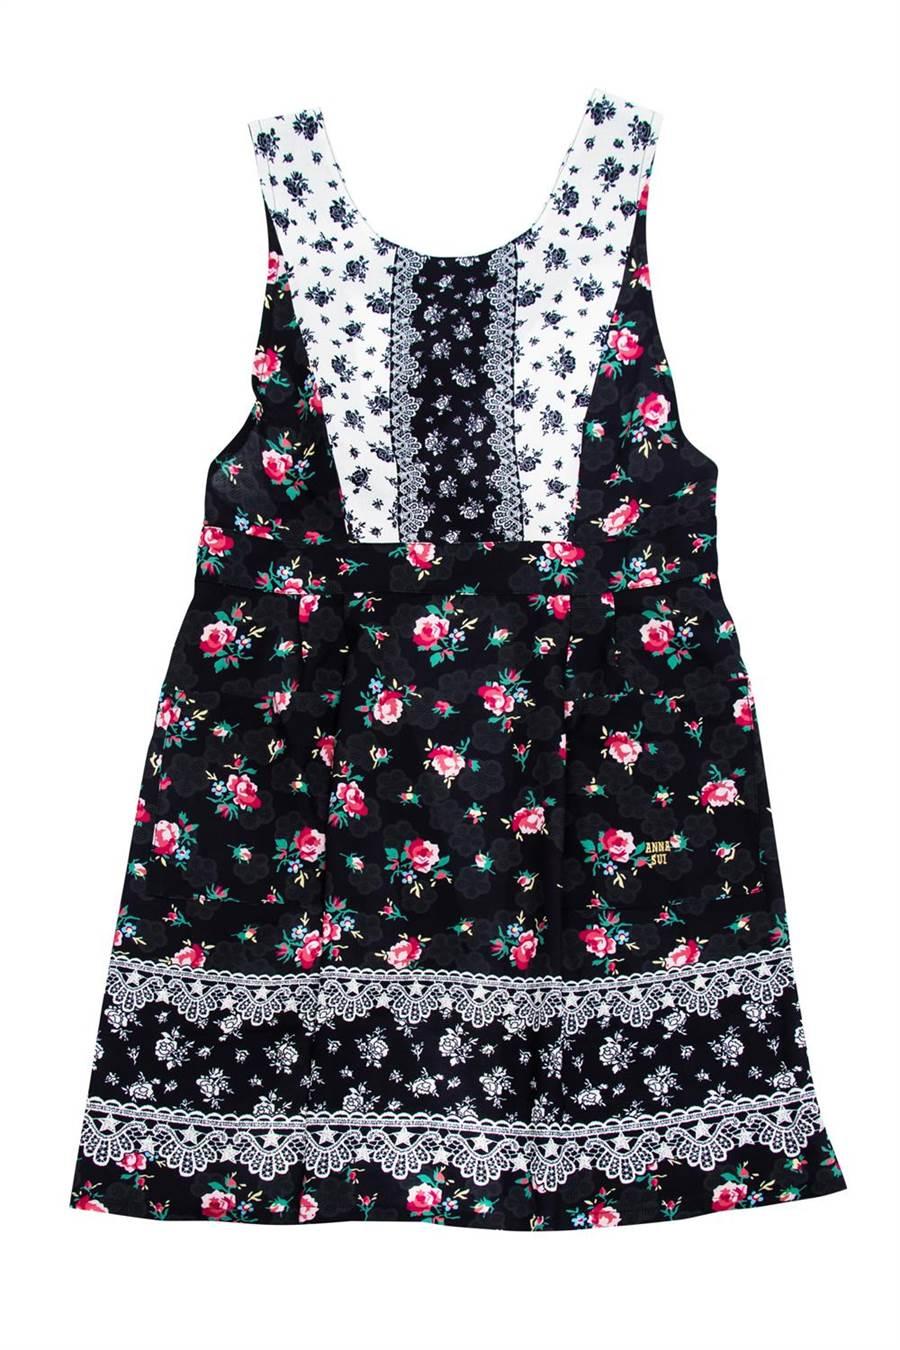 ANNA SUI優雅花舞圍裙,3390元。(滿心提供)